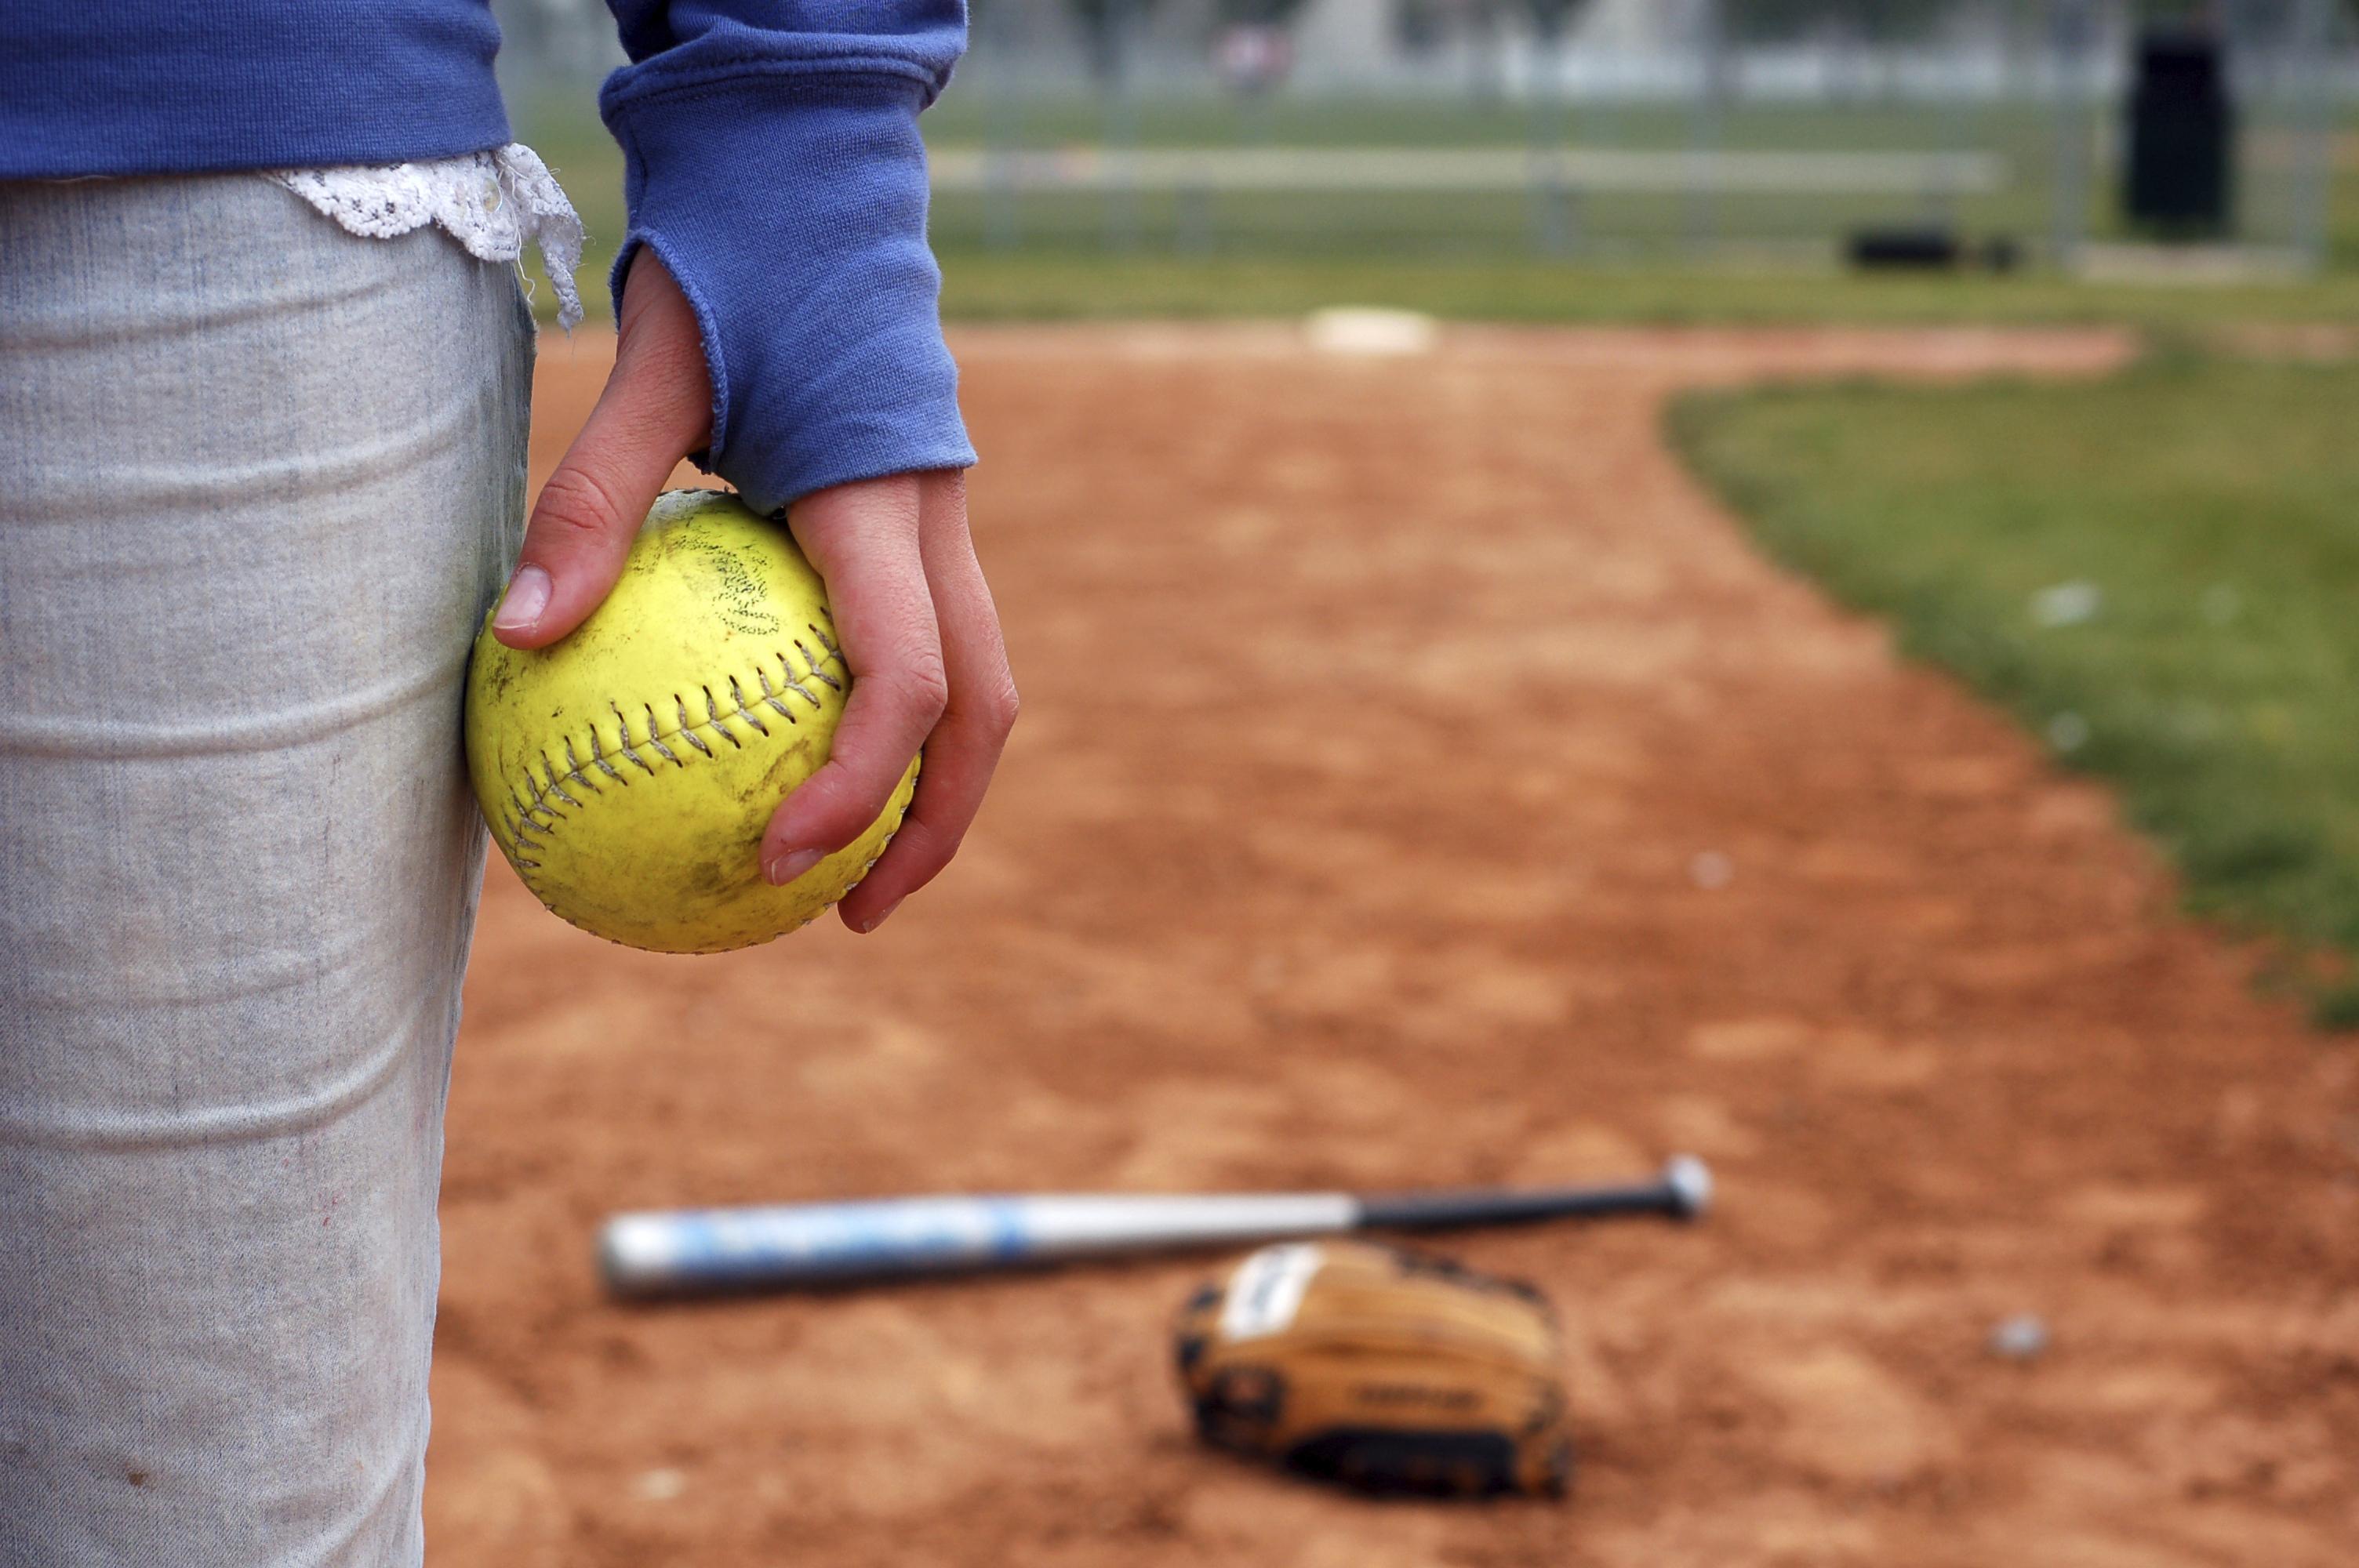 10U Softball Pitching Rules